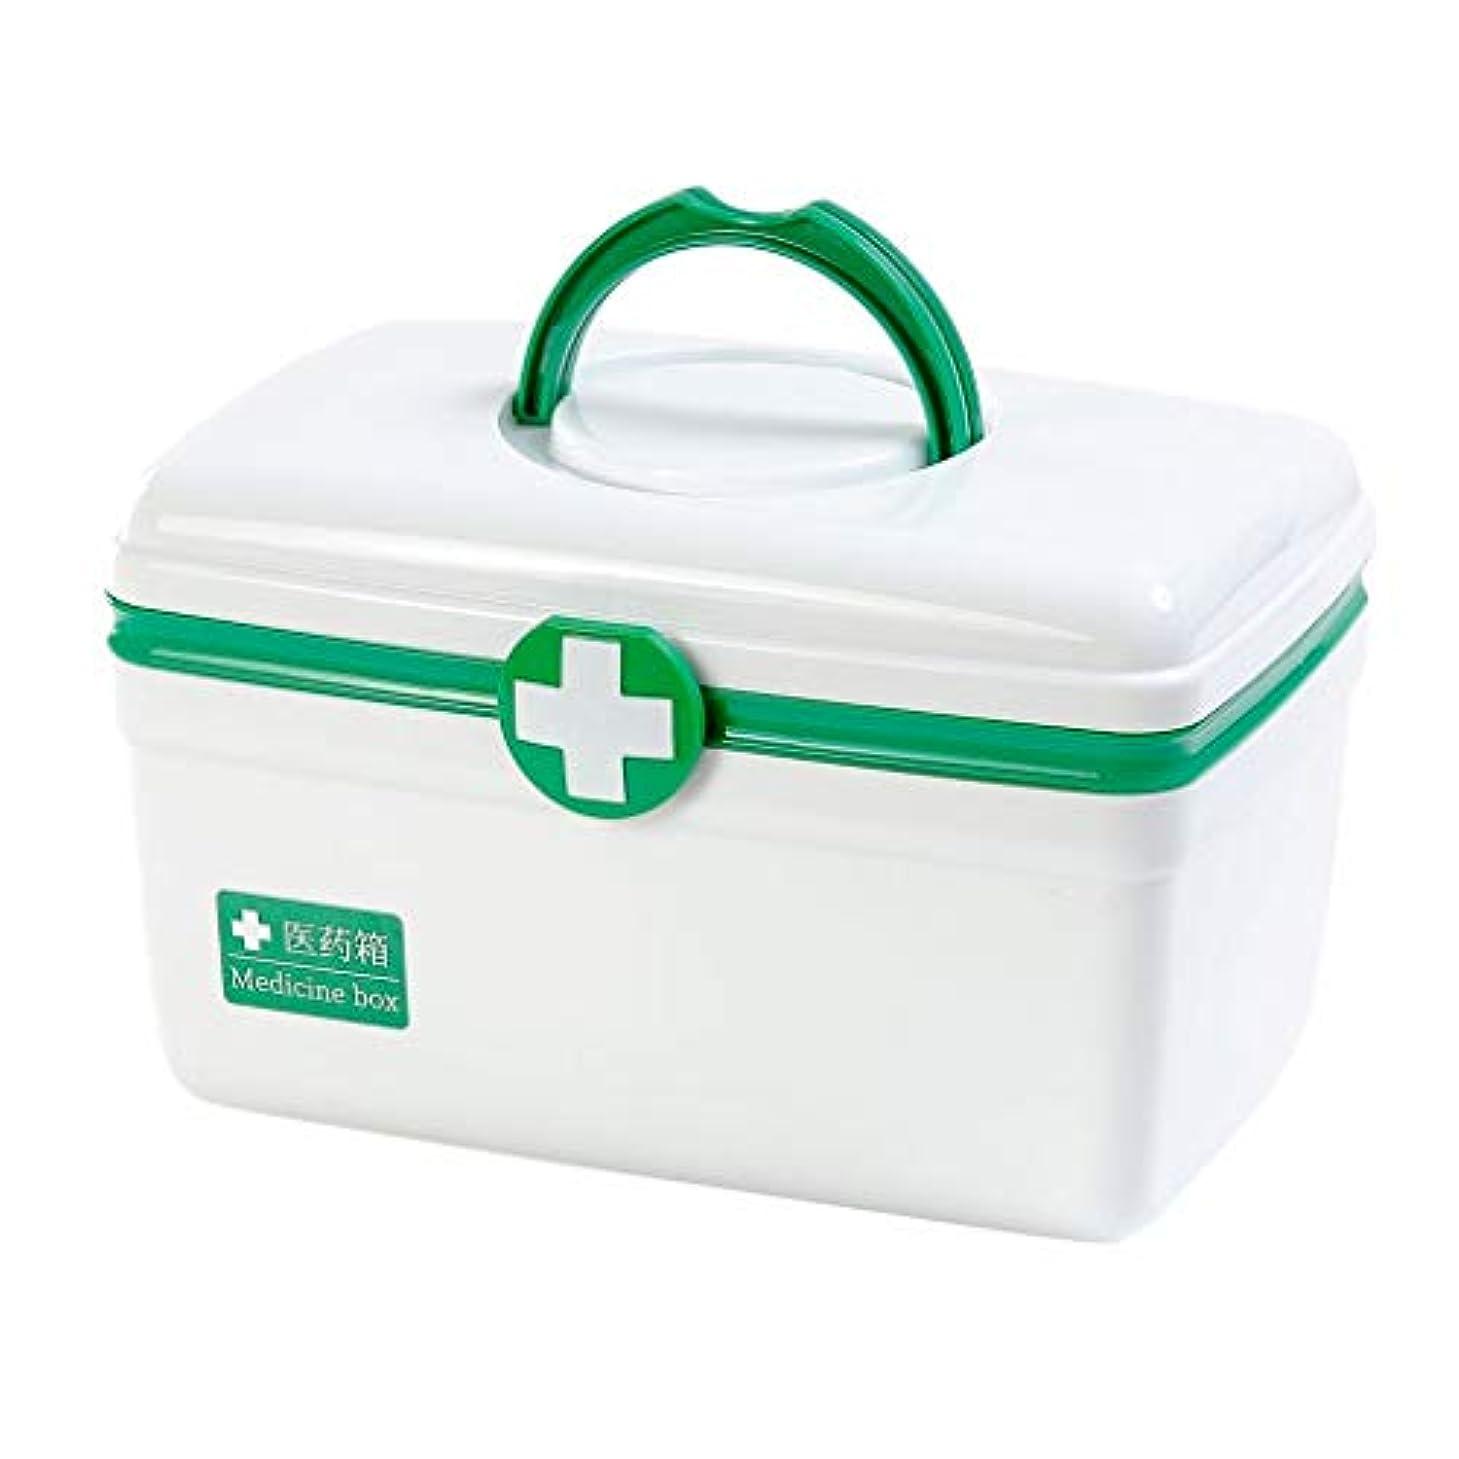 床を掃除するレベルレジピルボックスPP家庭用薬ボックス薬収納ボックス (色 : 緑, サイズ さいず : L29cm)